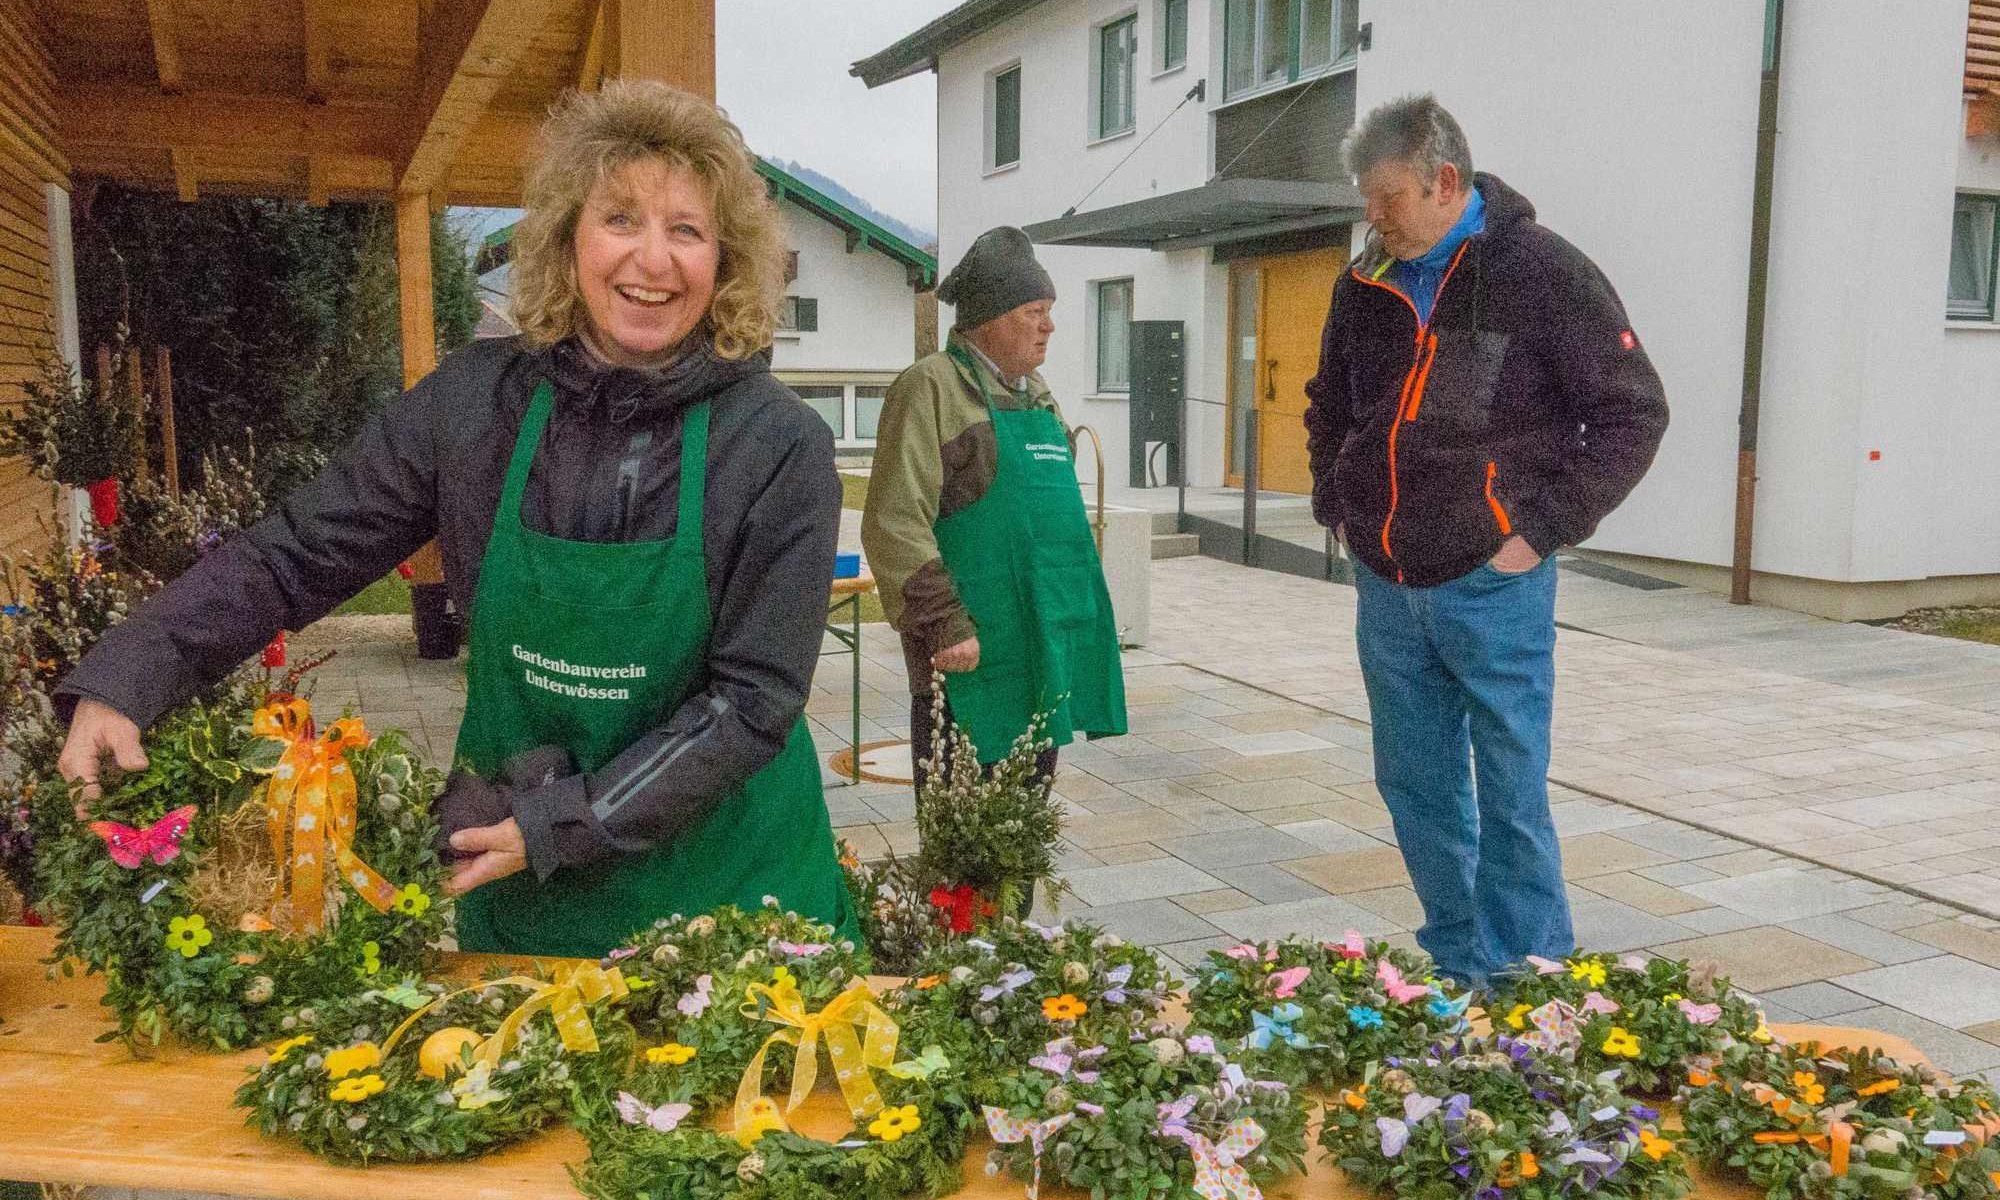 Palmbuschenverkauf am Pfarrheim unterwössen